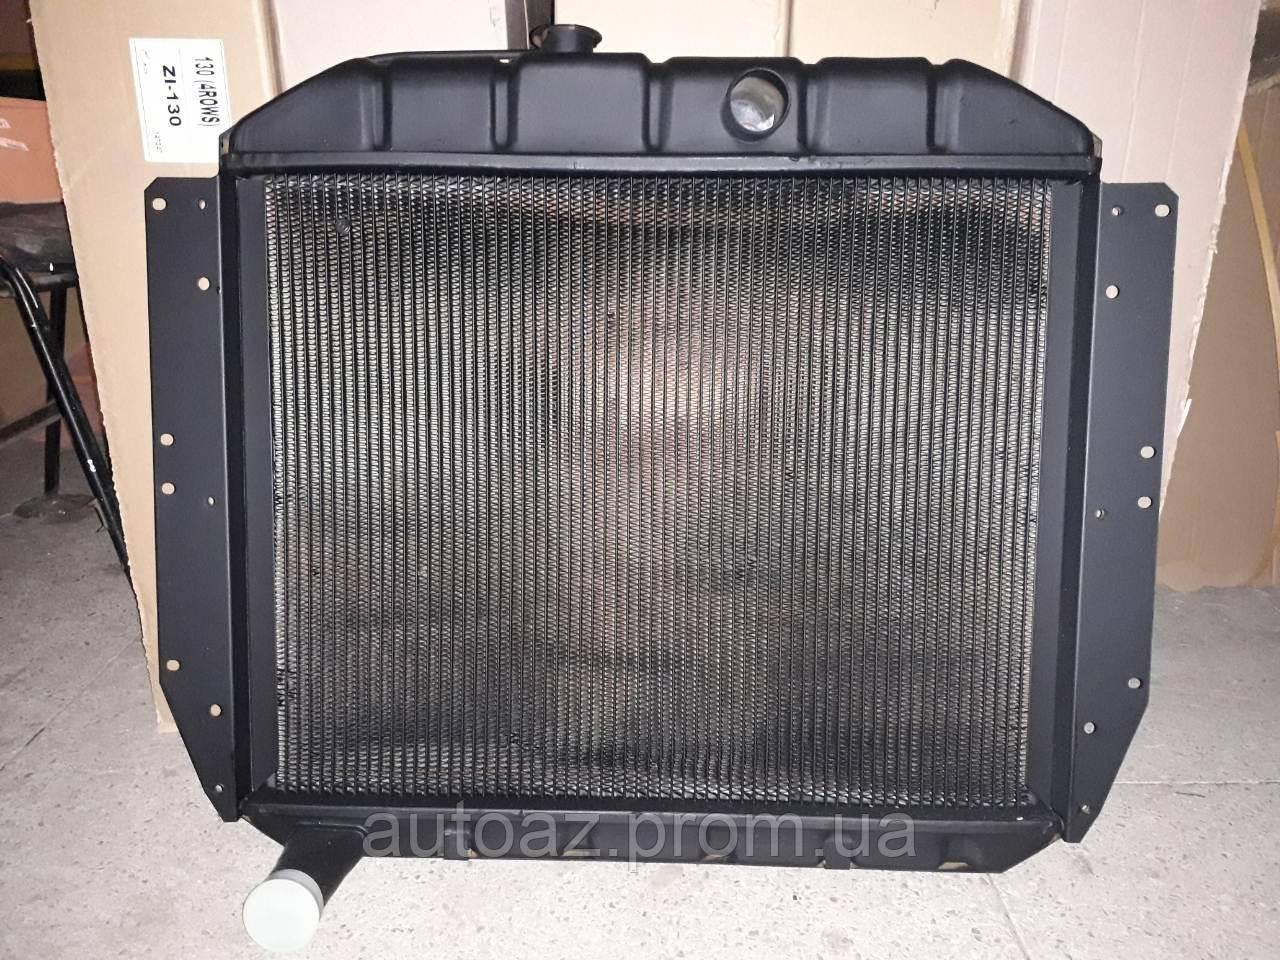 Радиатор охлаждения ЗИЛ 130 3 рядный медный пр-во Иран